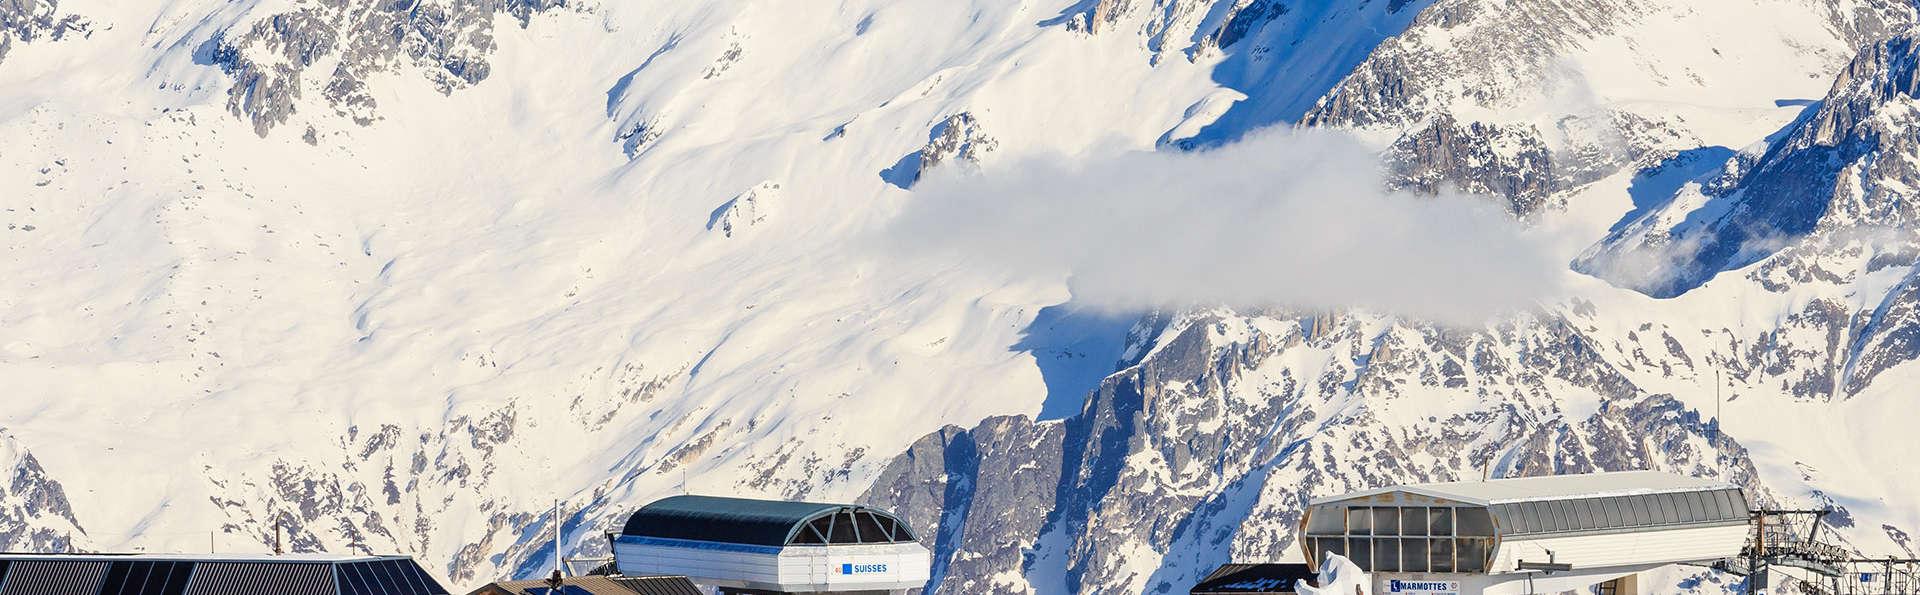 Auberge de Savoie - EDIT_courchevel2.jpg